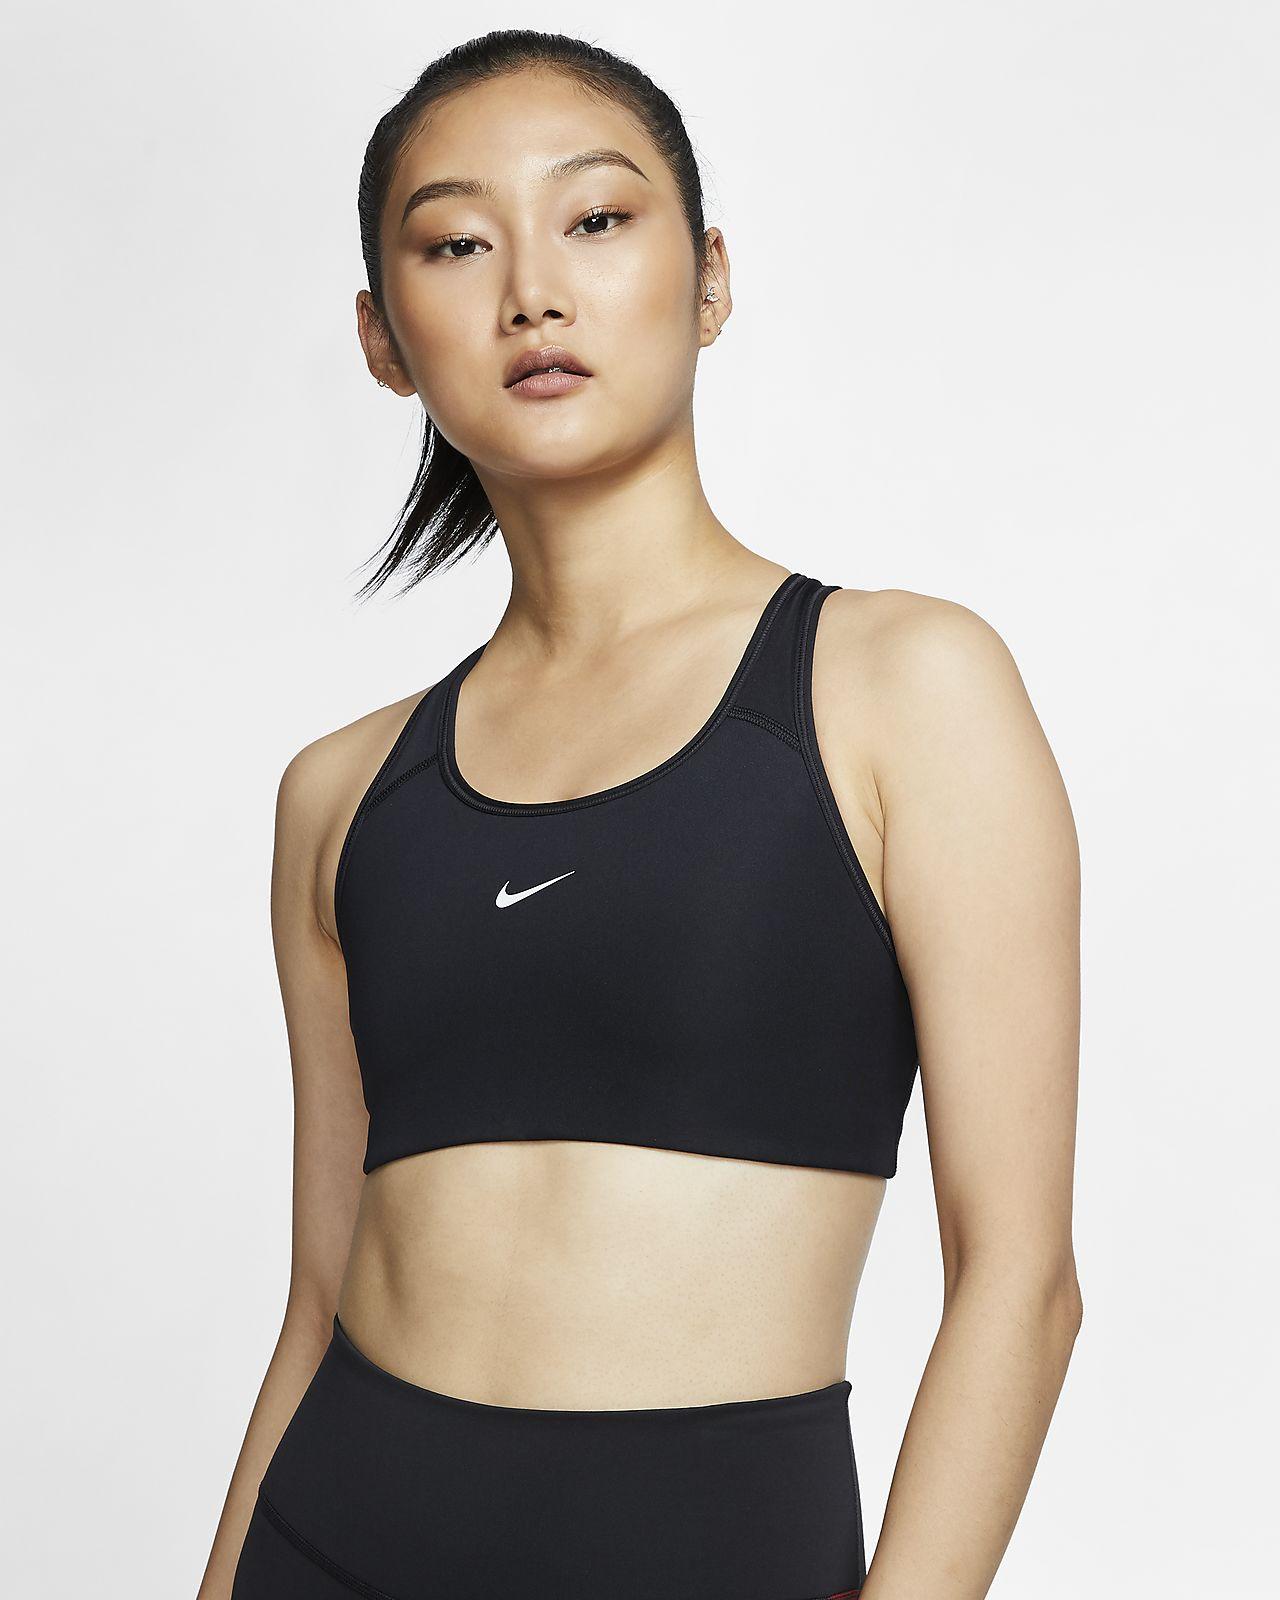 Medium støtte Nike Swoosh-sports-bh med indlæg i ét stykke til kvinder.